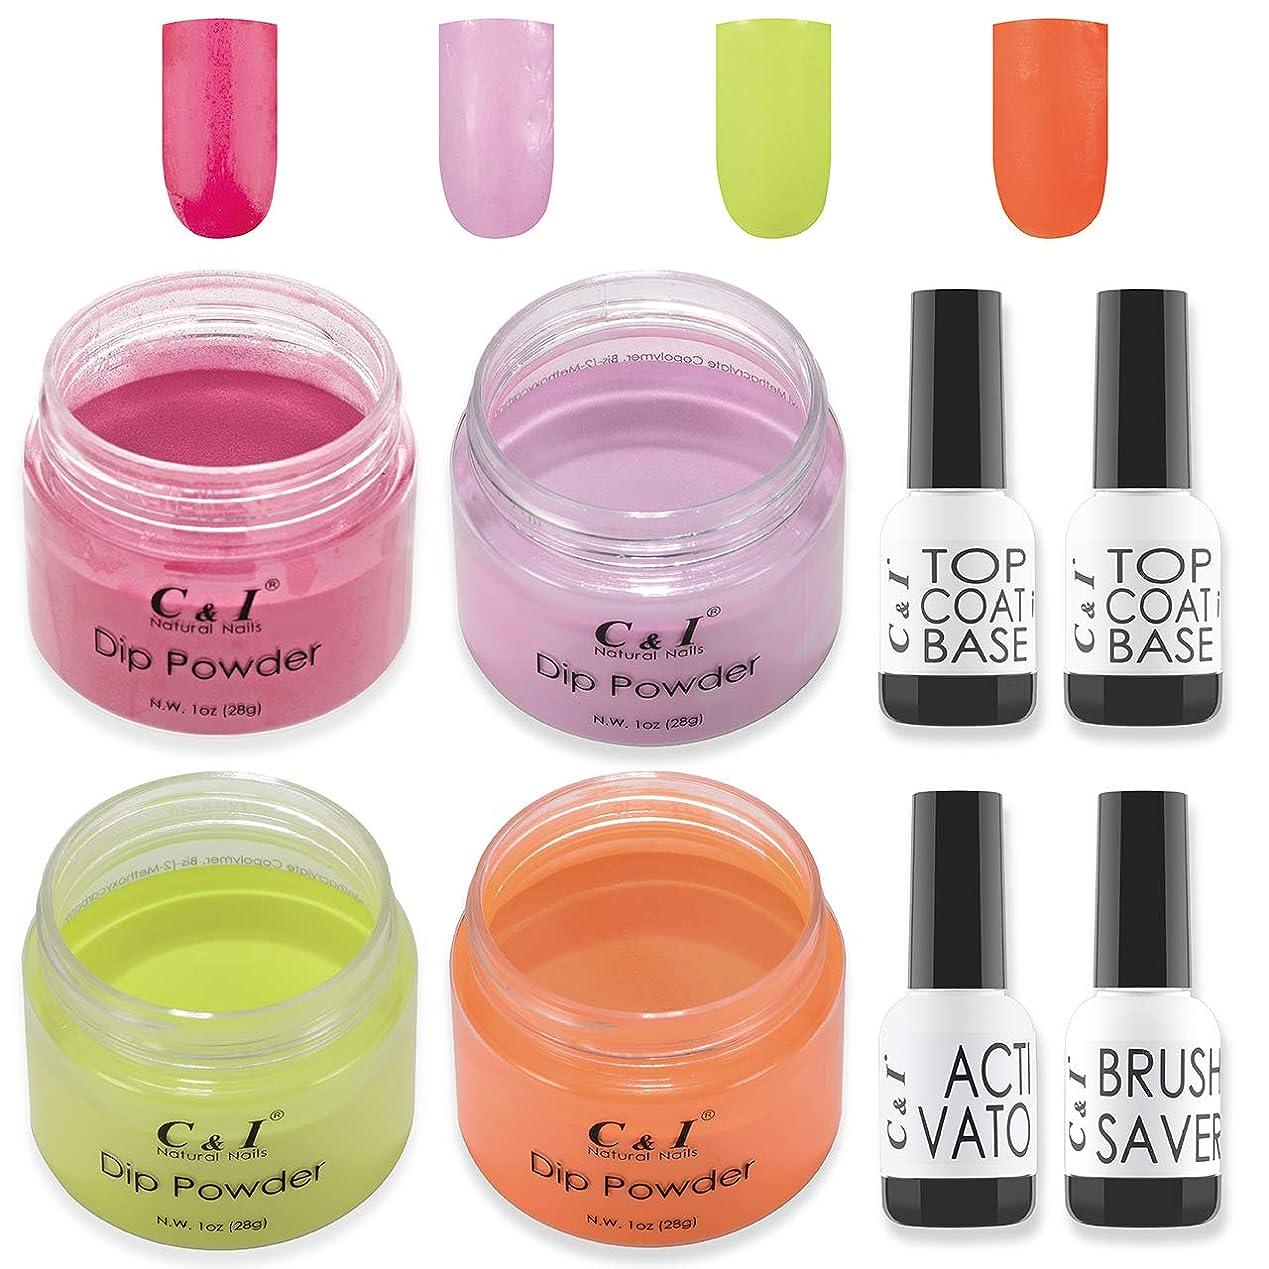 勃起パンチ添付C & I Dip Powder Nail Colors & Liquids Set, 4 colors and 4 liquids, Gel Nail Effect Colors, N.W. 28 g * 4 pcs & 15 ml * 4 pcs